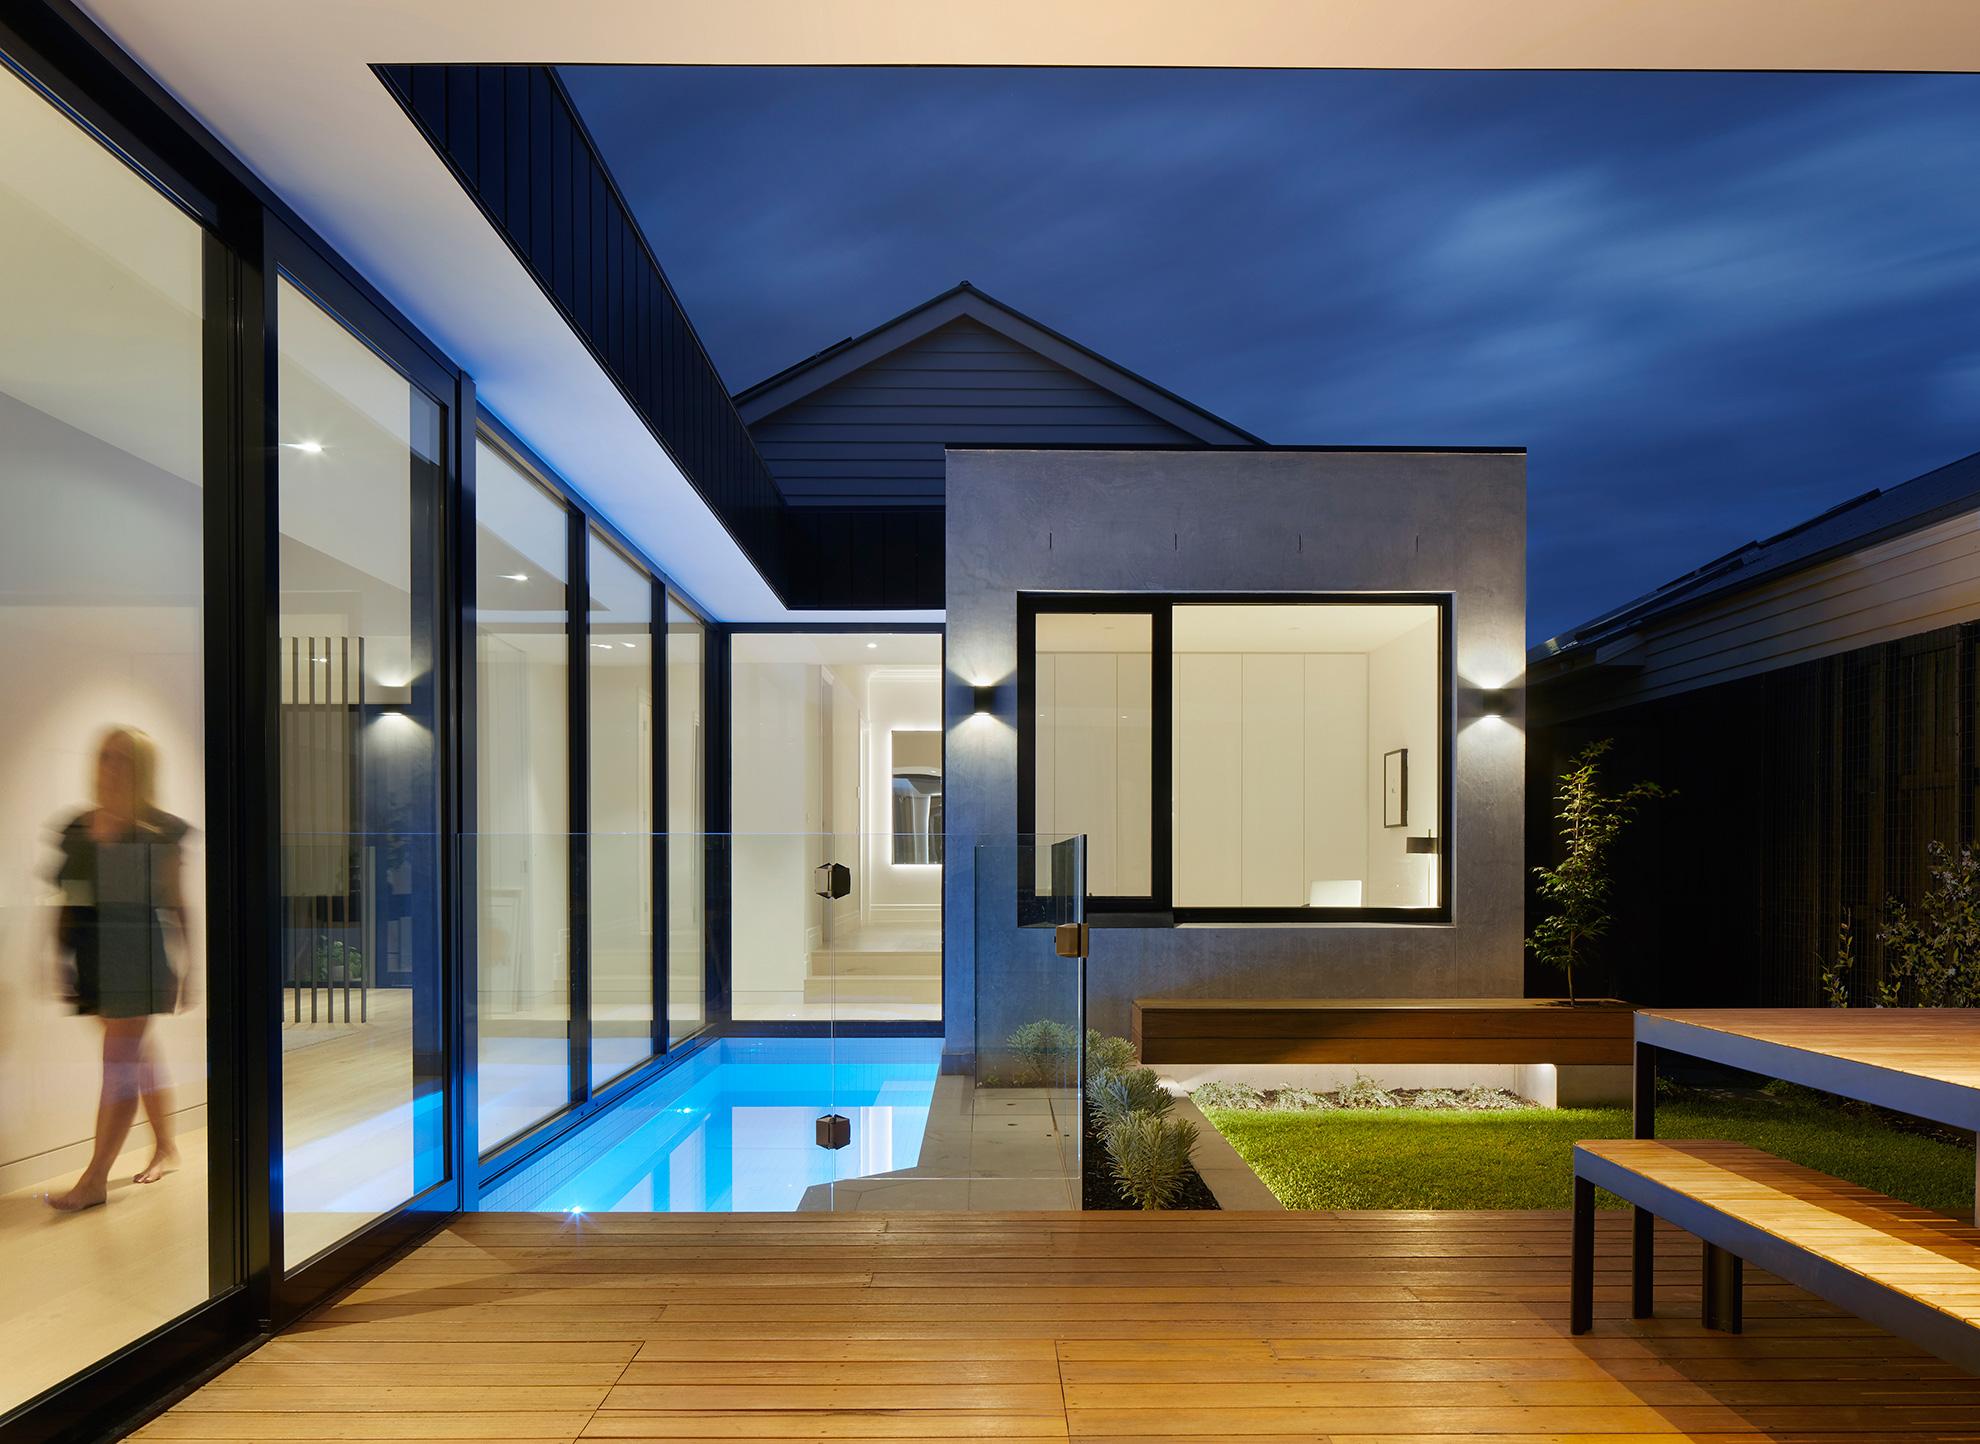 u-house-thornbury-entrance-courtyard-night-ckarch